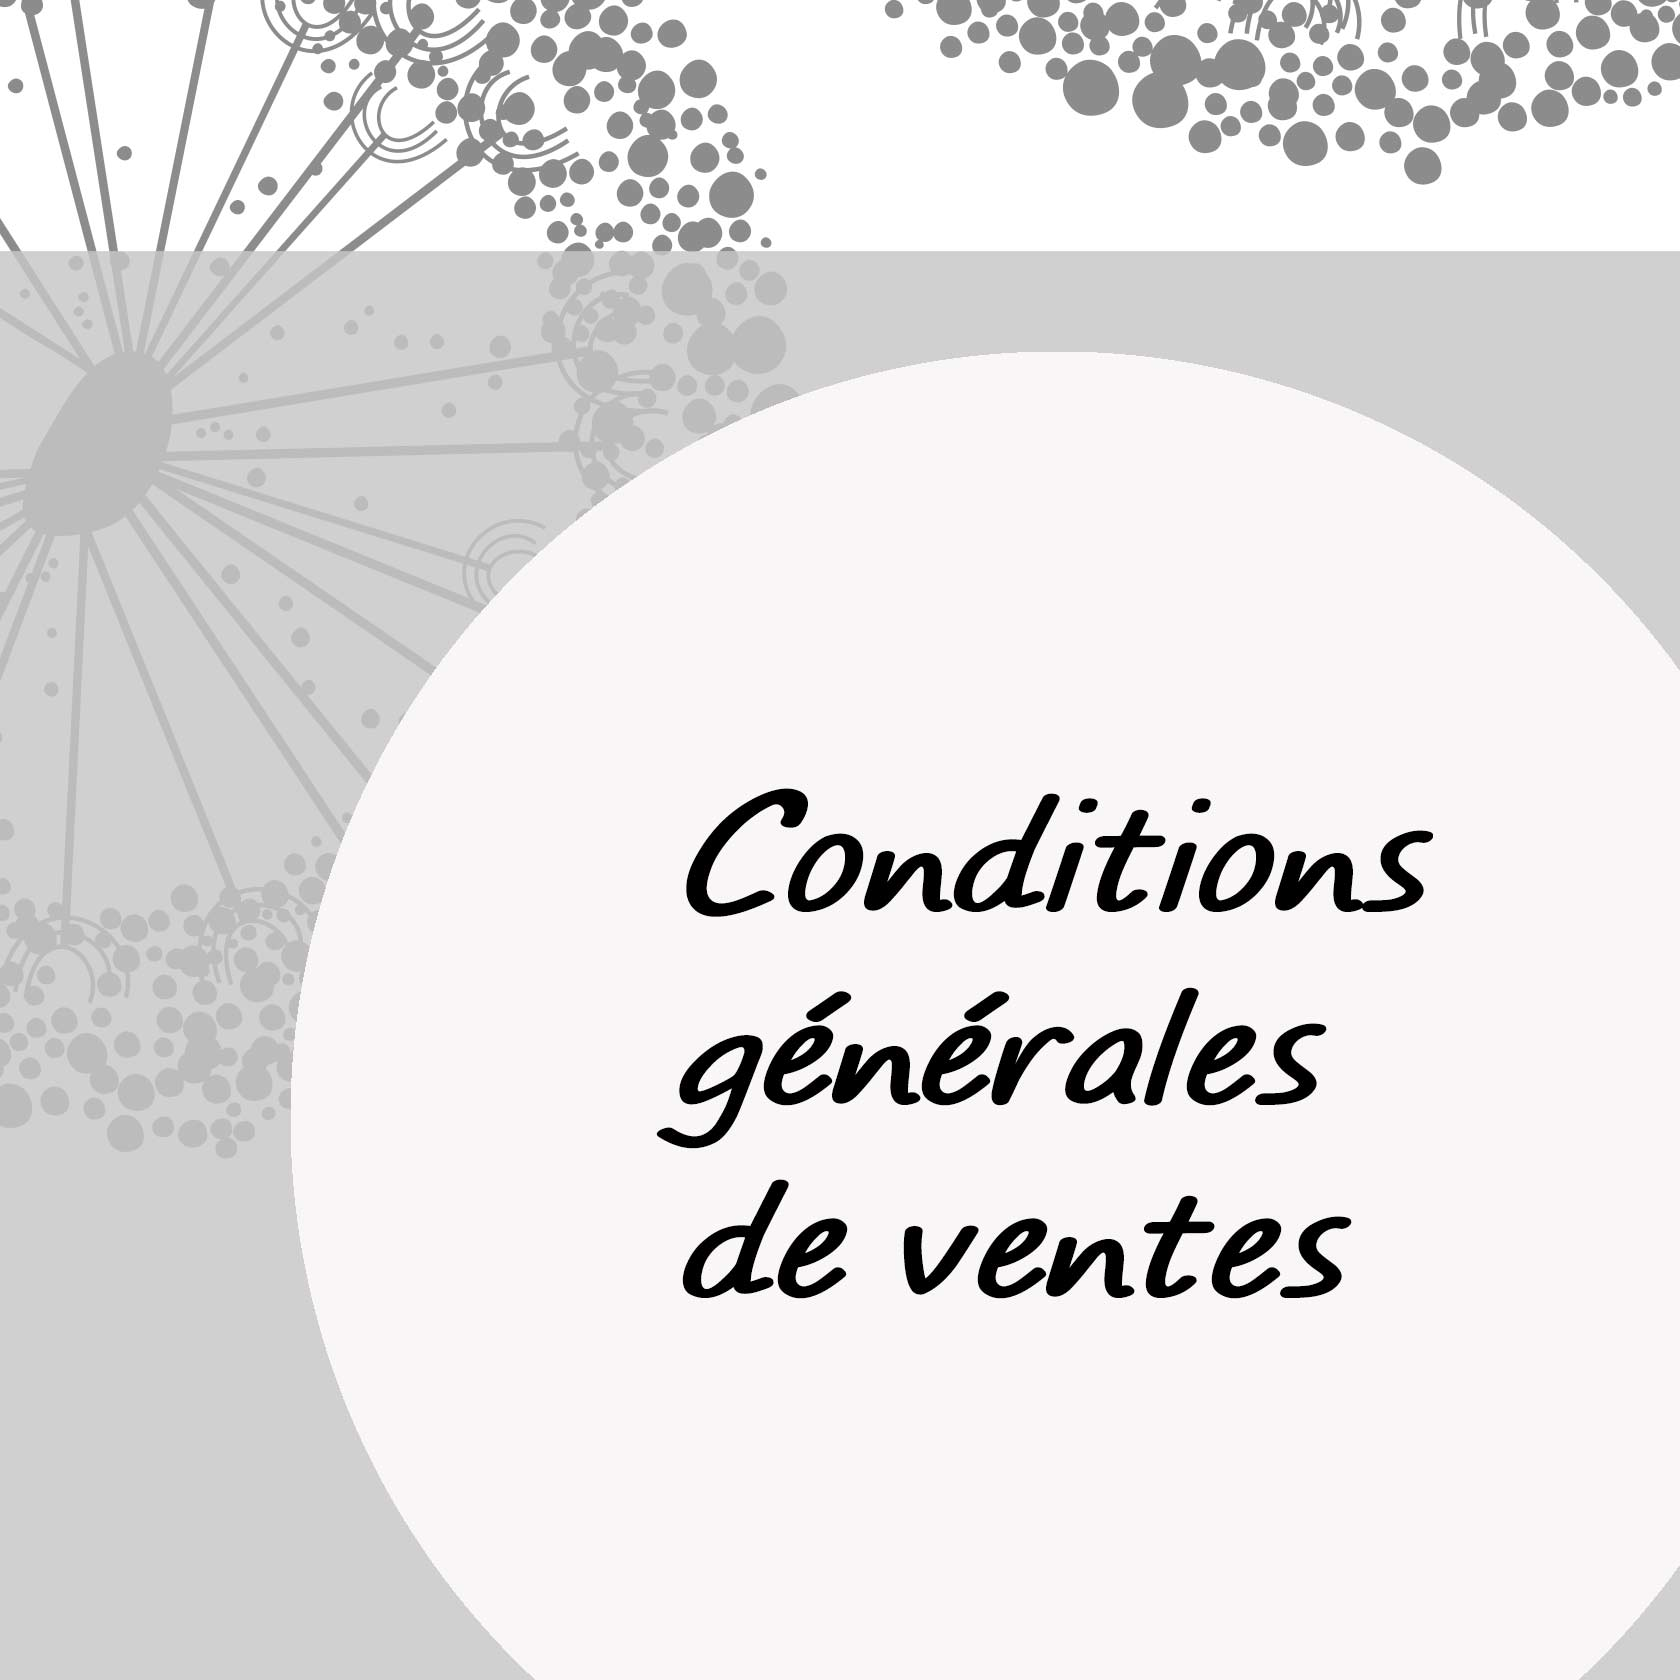 Conditions générales de vente